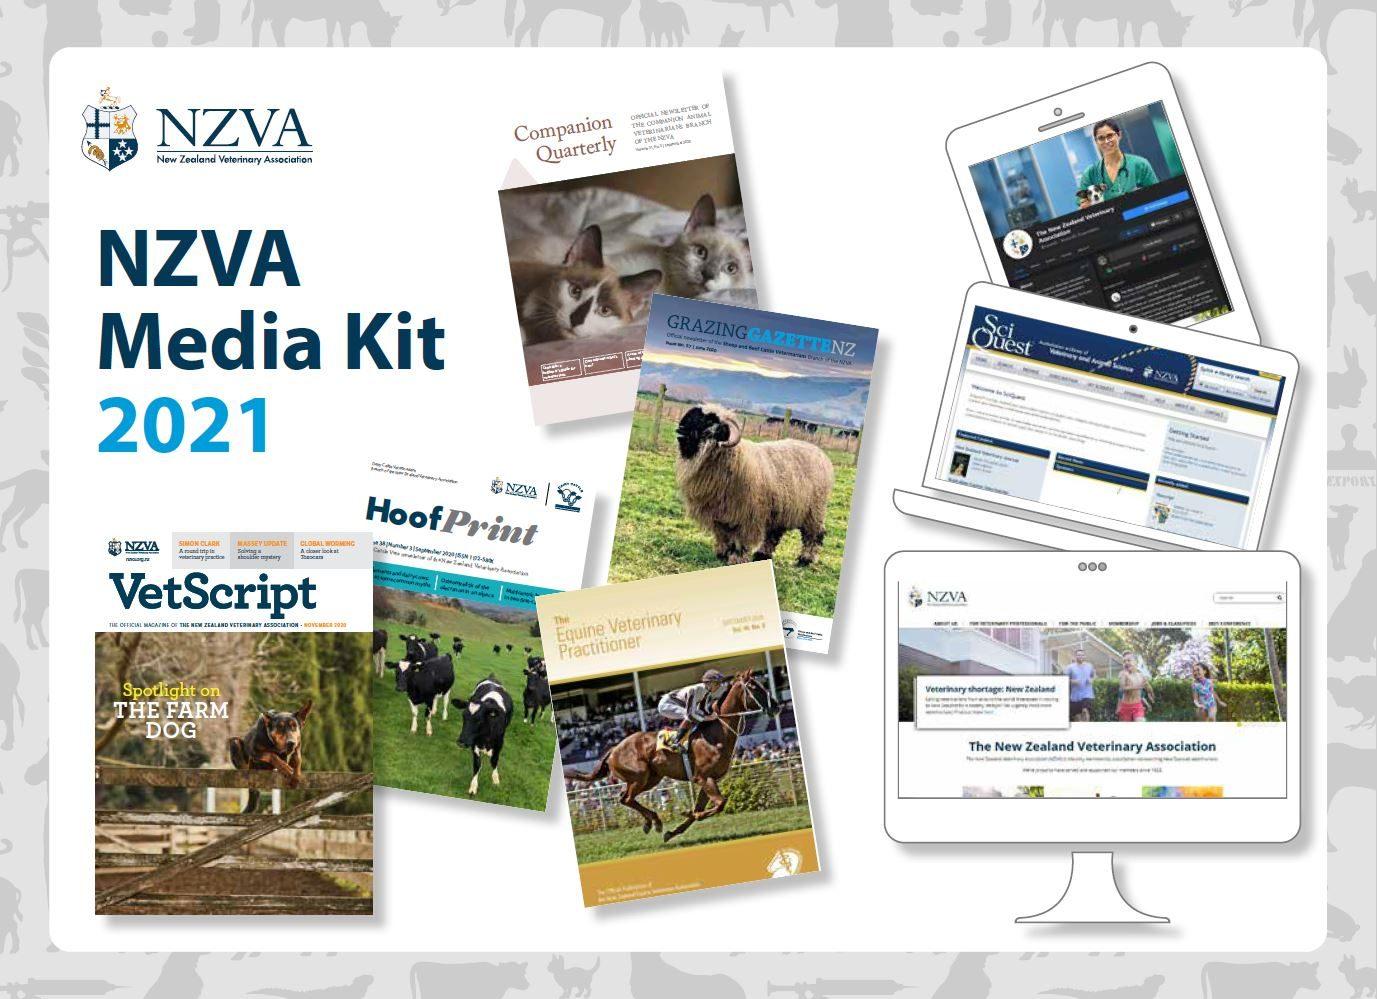 NZVA Media kit 2021 cover